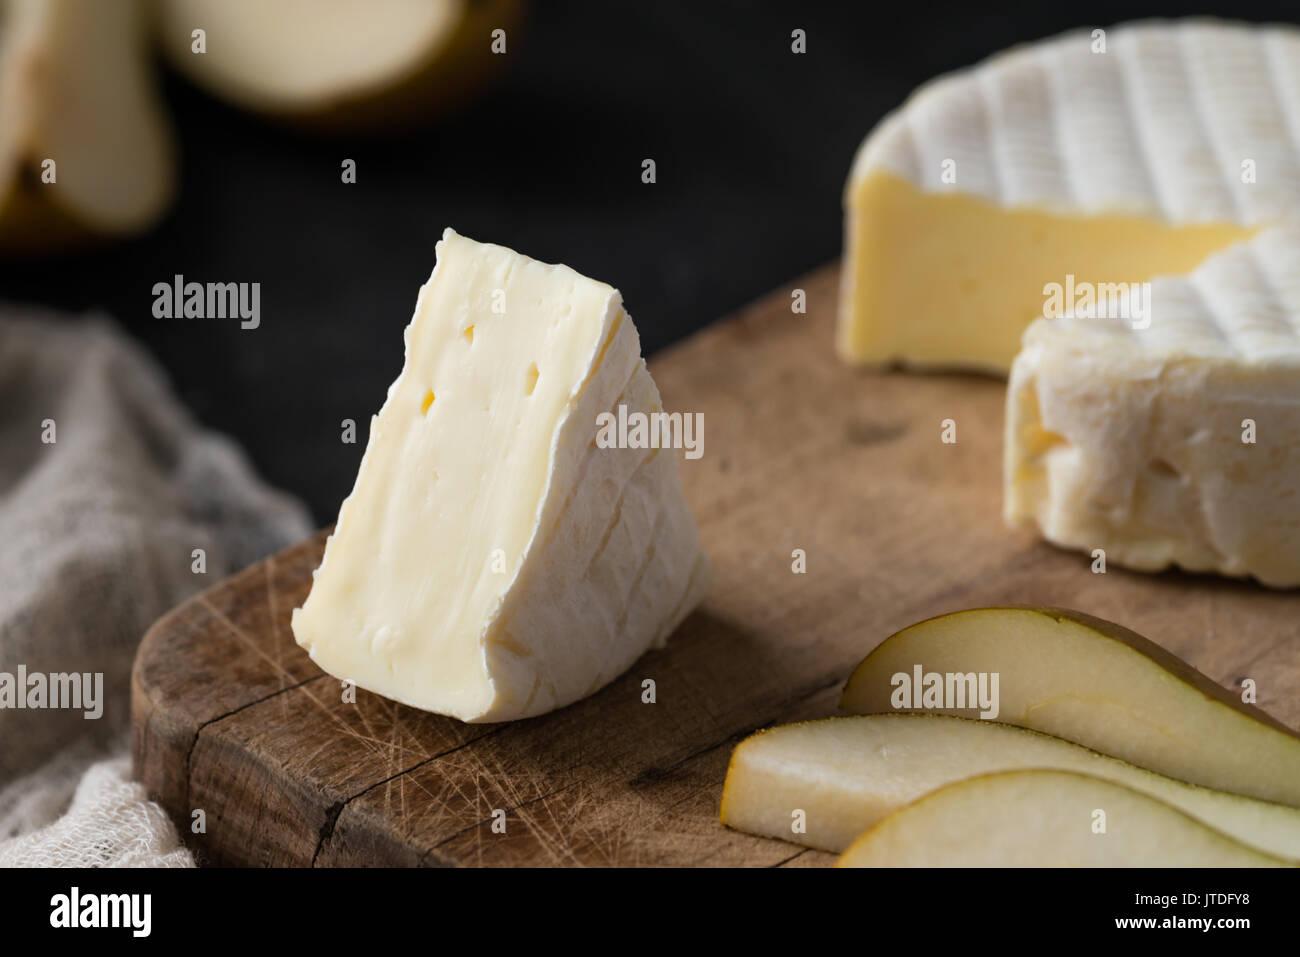 Acercamiento de queso francés de la región de Normandía con pear en rodajas sobre una tabla de madera en el oscuro fondo rústico Imagen De Stock